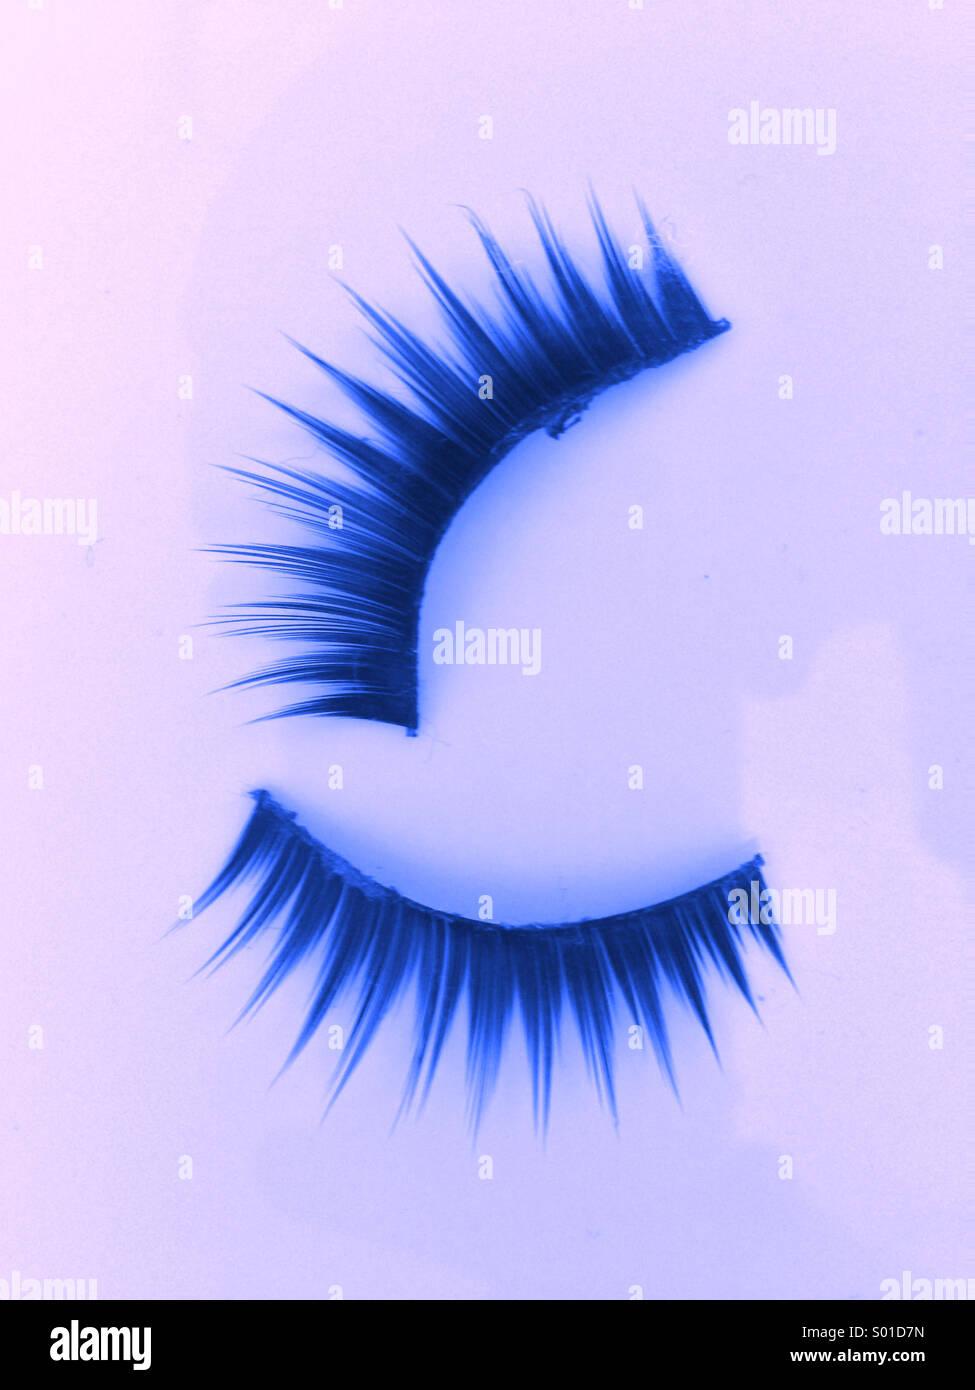 Blue eyelashes - Stock Image